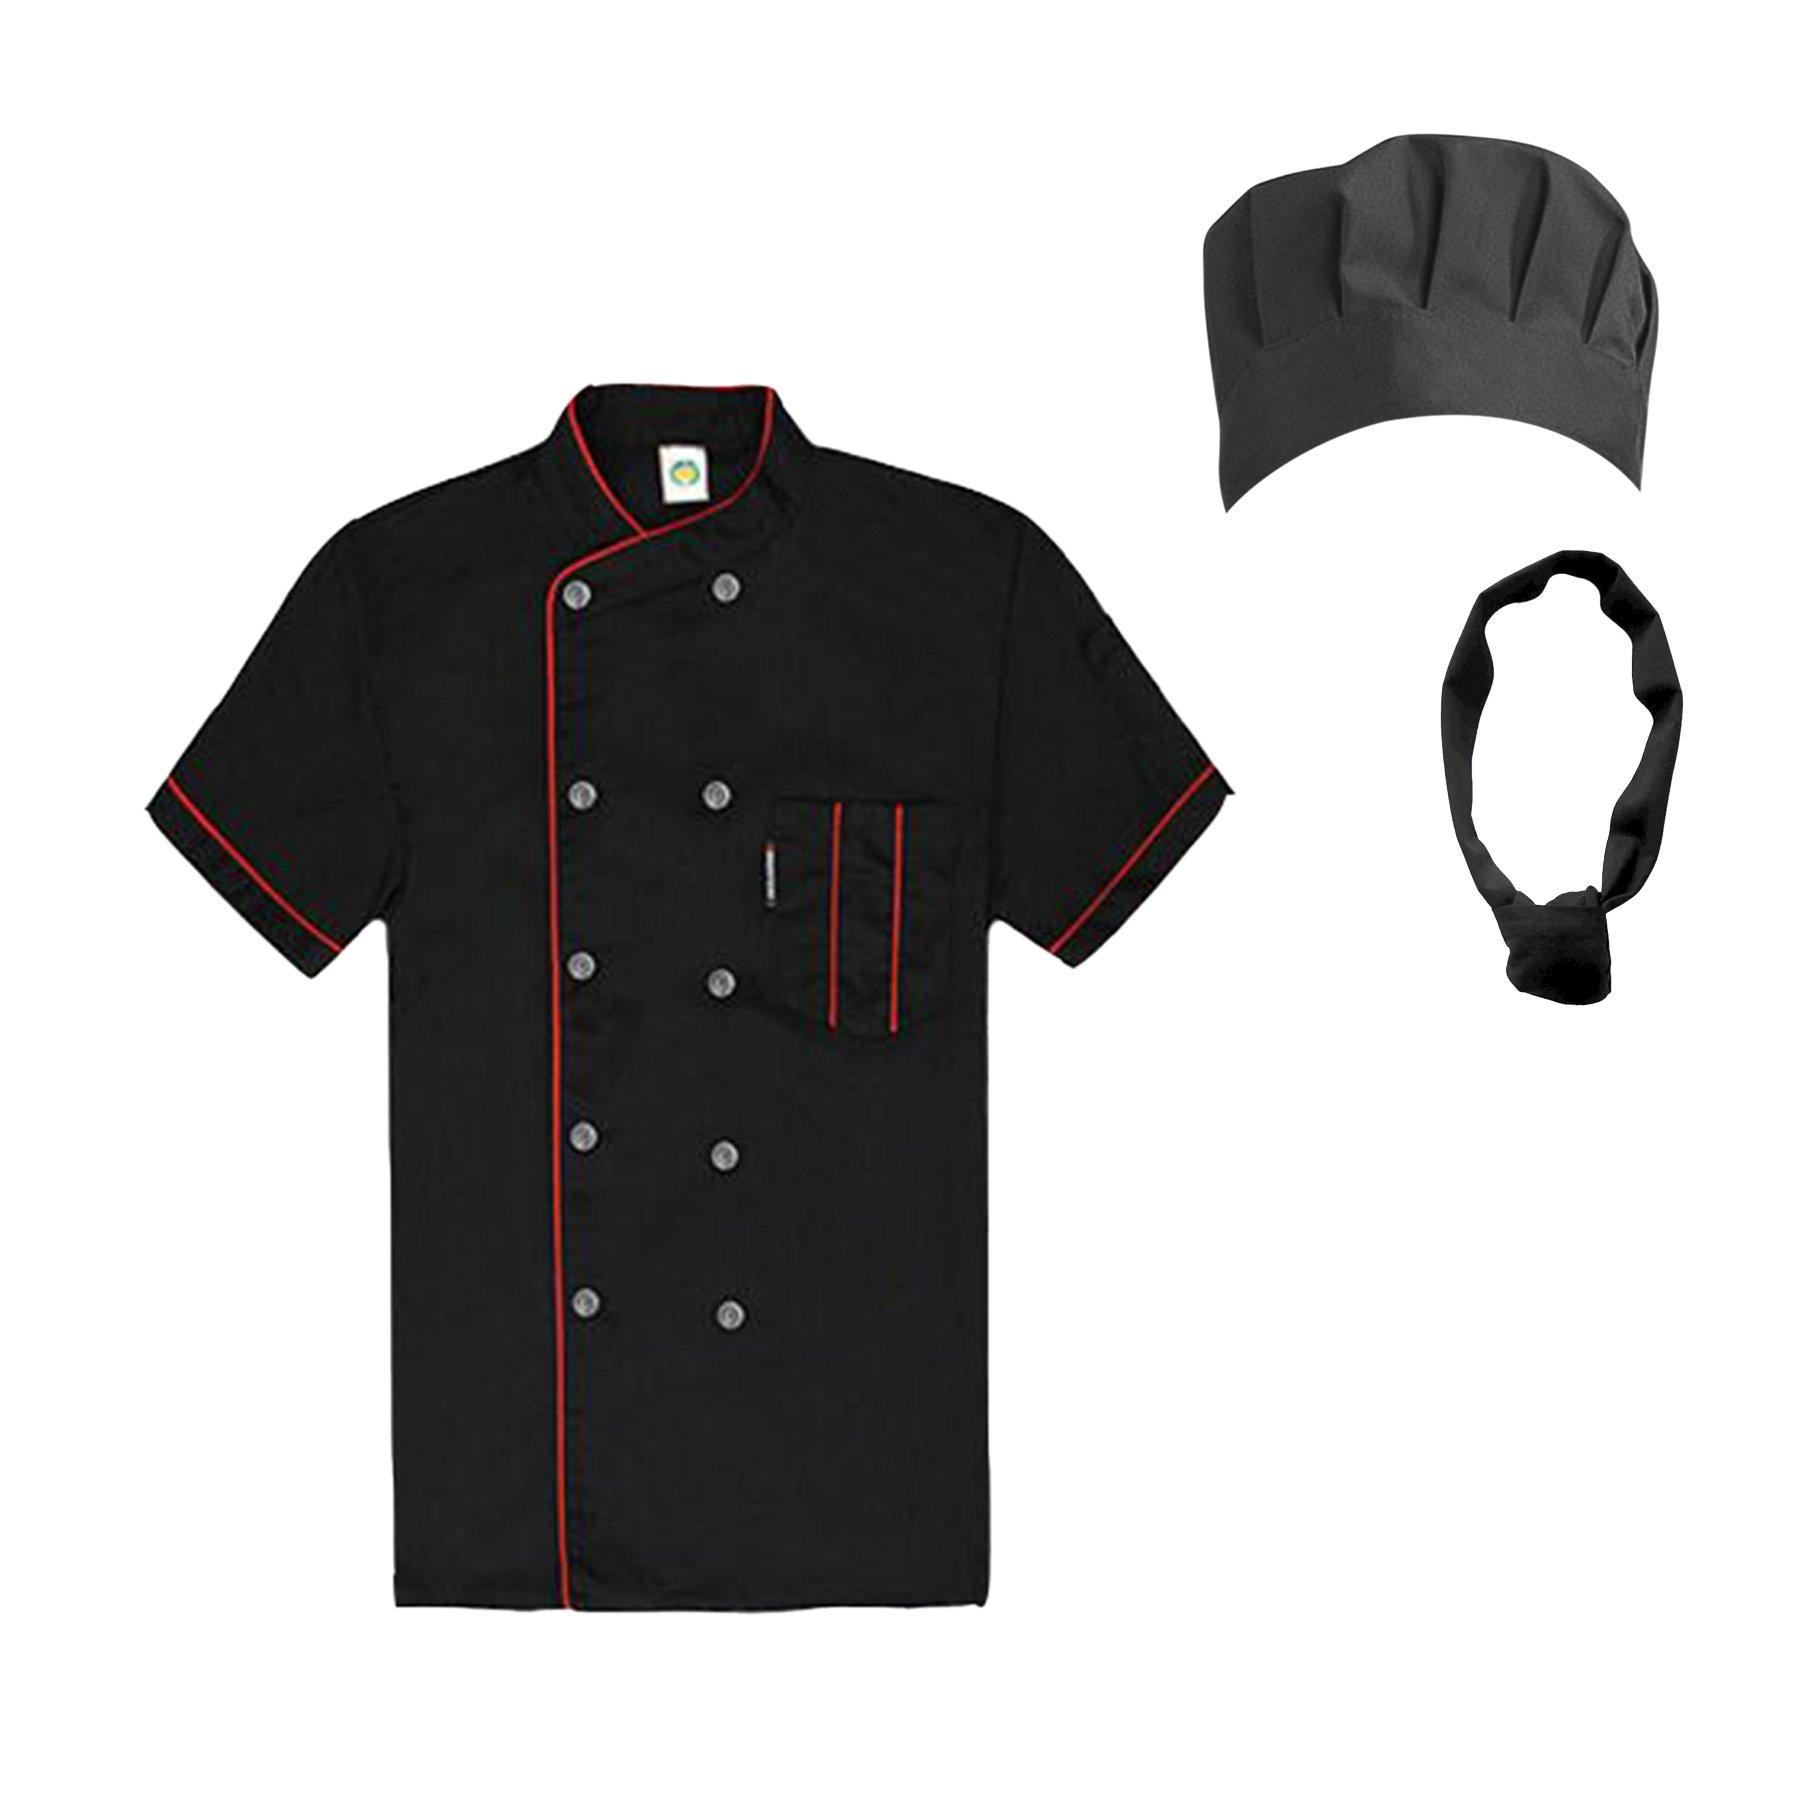 TopTie Unisex Short Sleeve Cooking Chef Coat Jacket & Hat & Bandana Set-Black with red-L